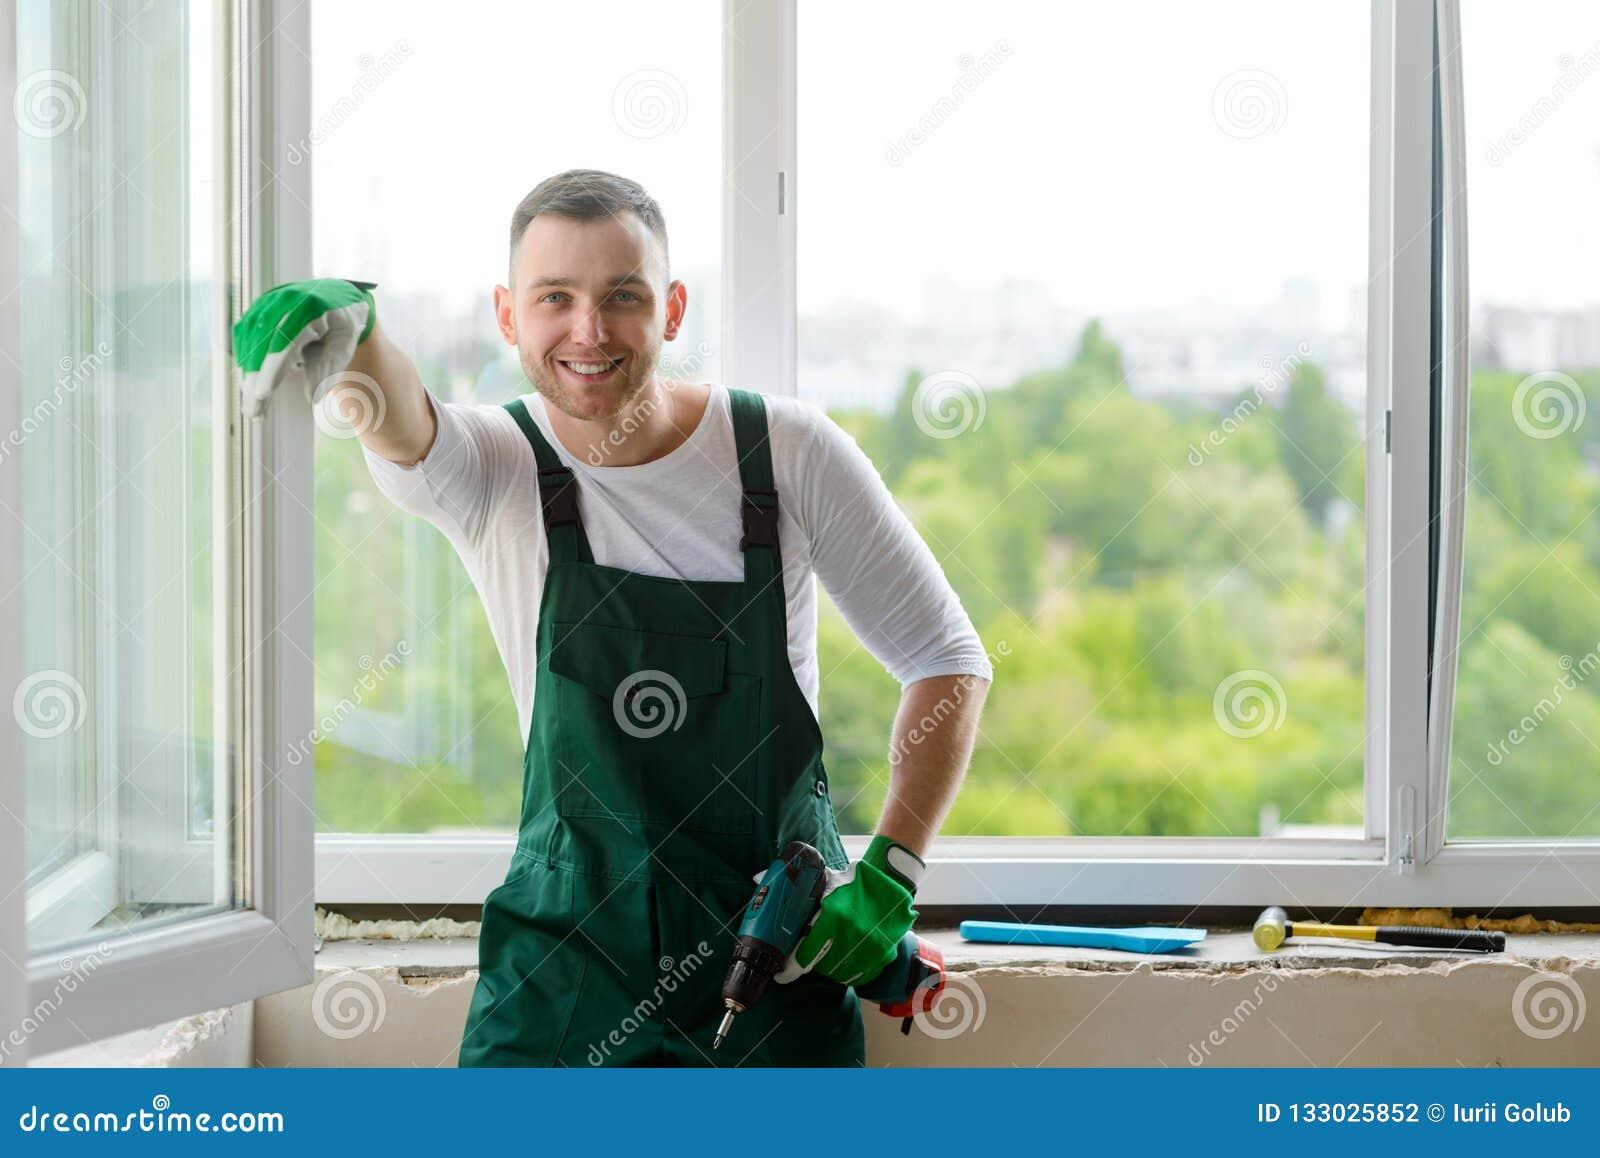 Portret przystojny robociarz